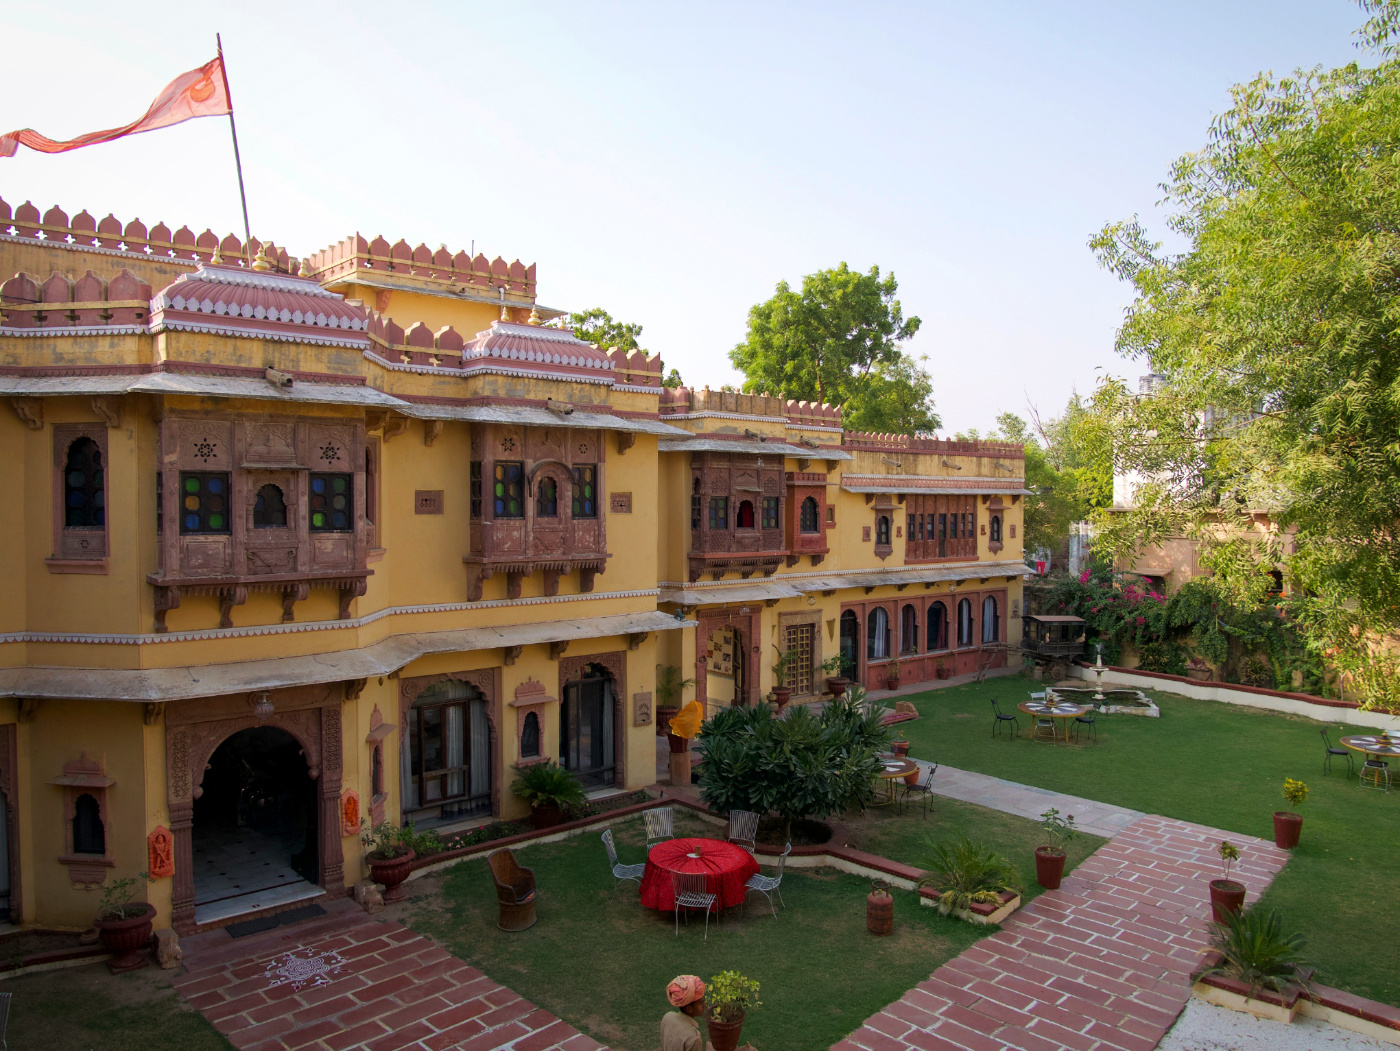 637-India-Bhenswara